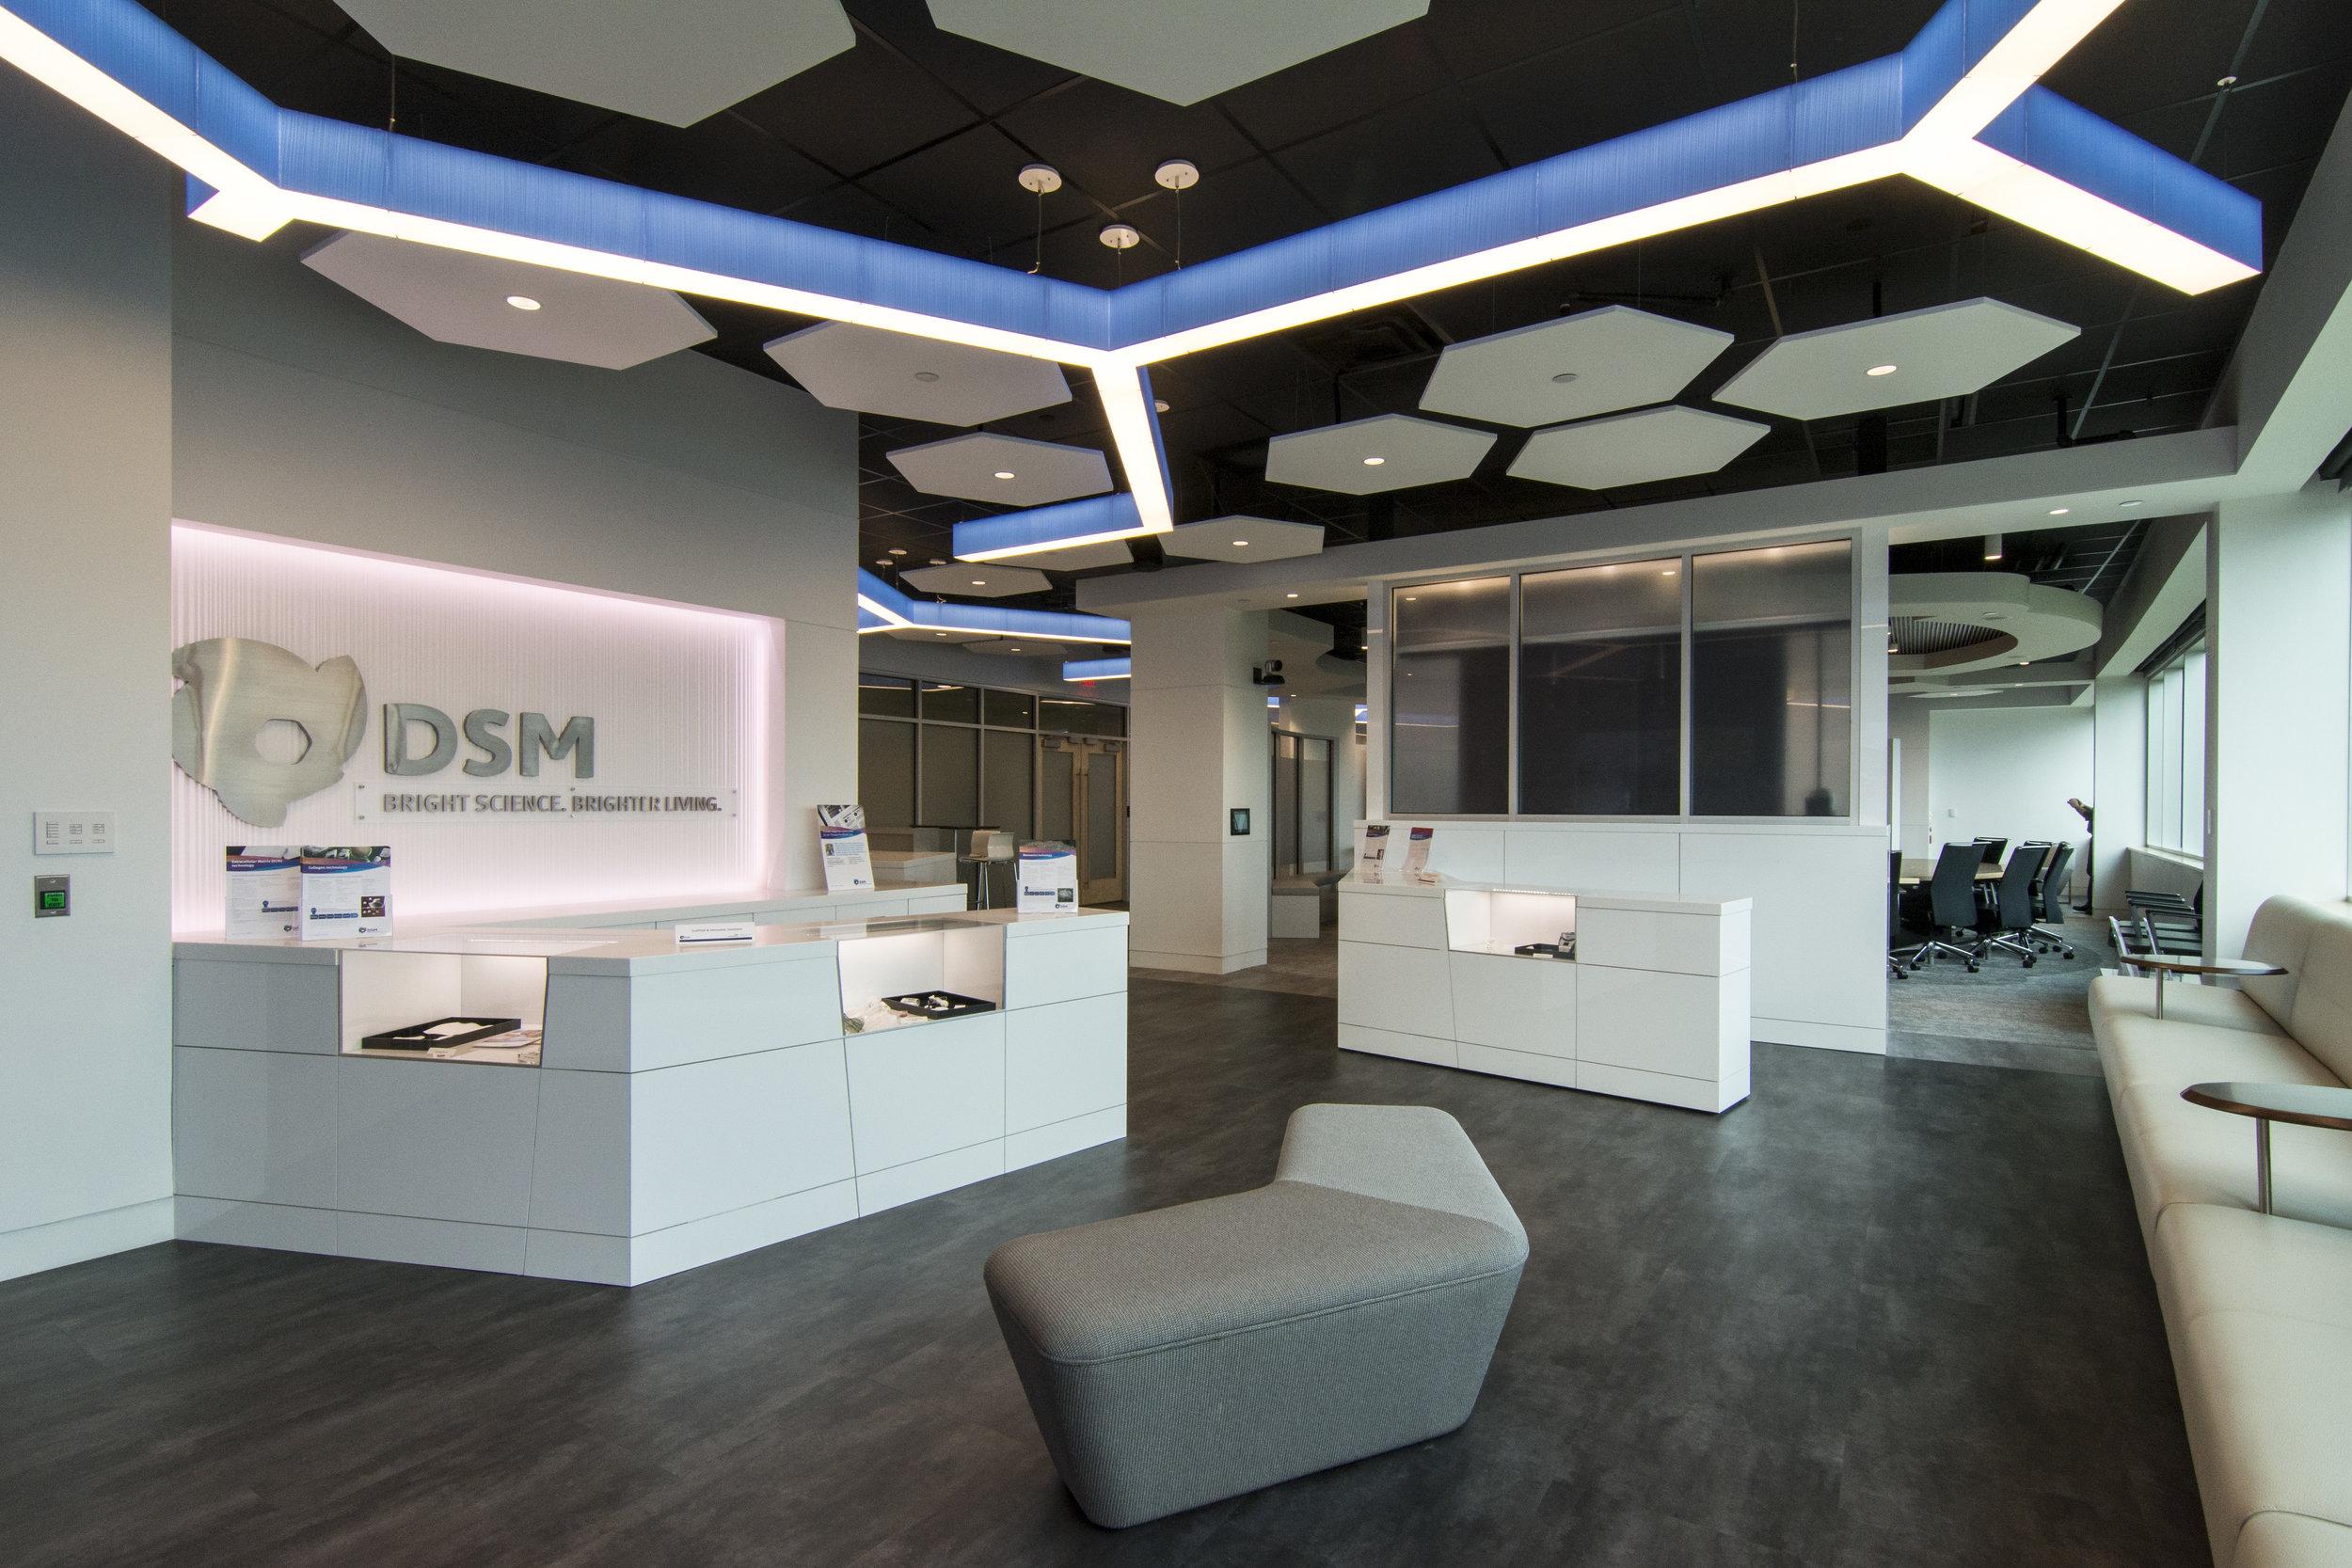 DSM Innovation Center